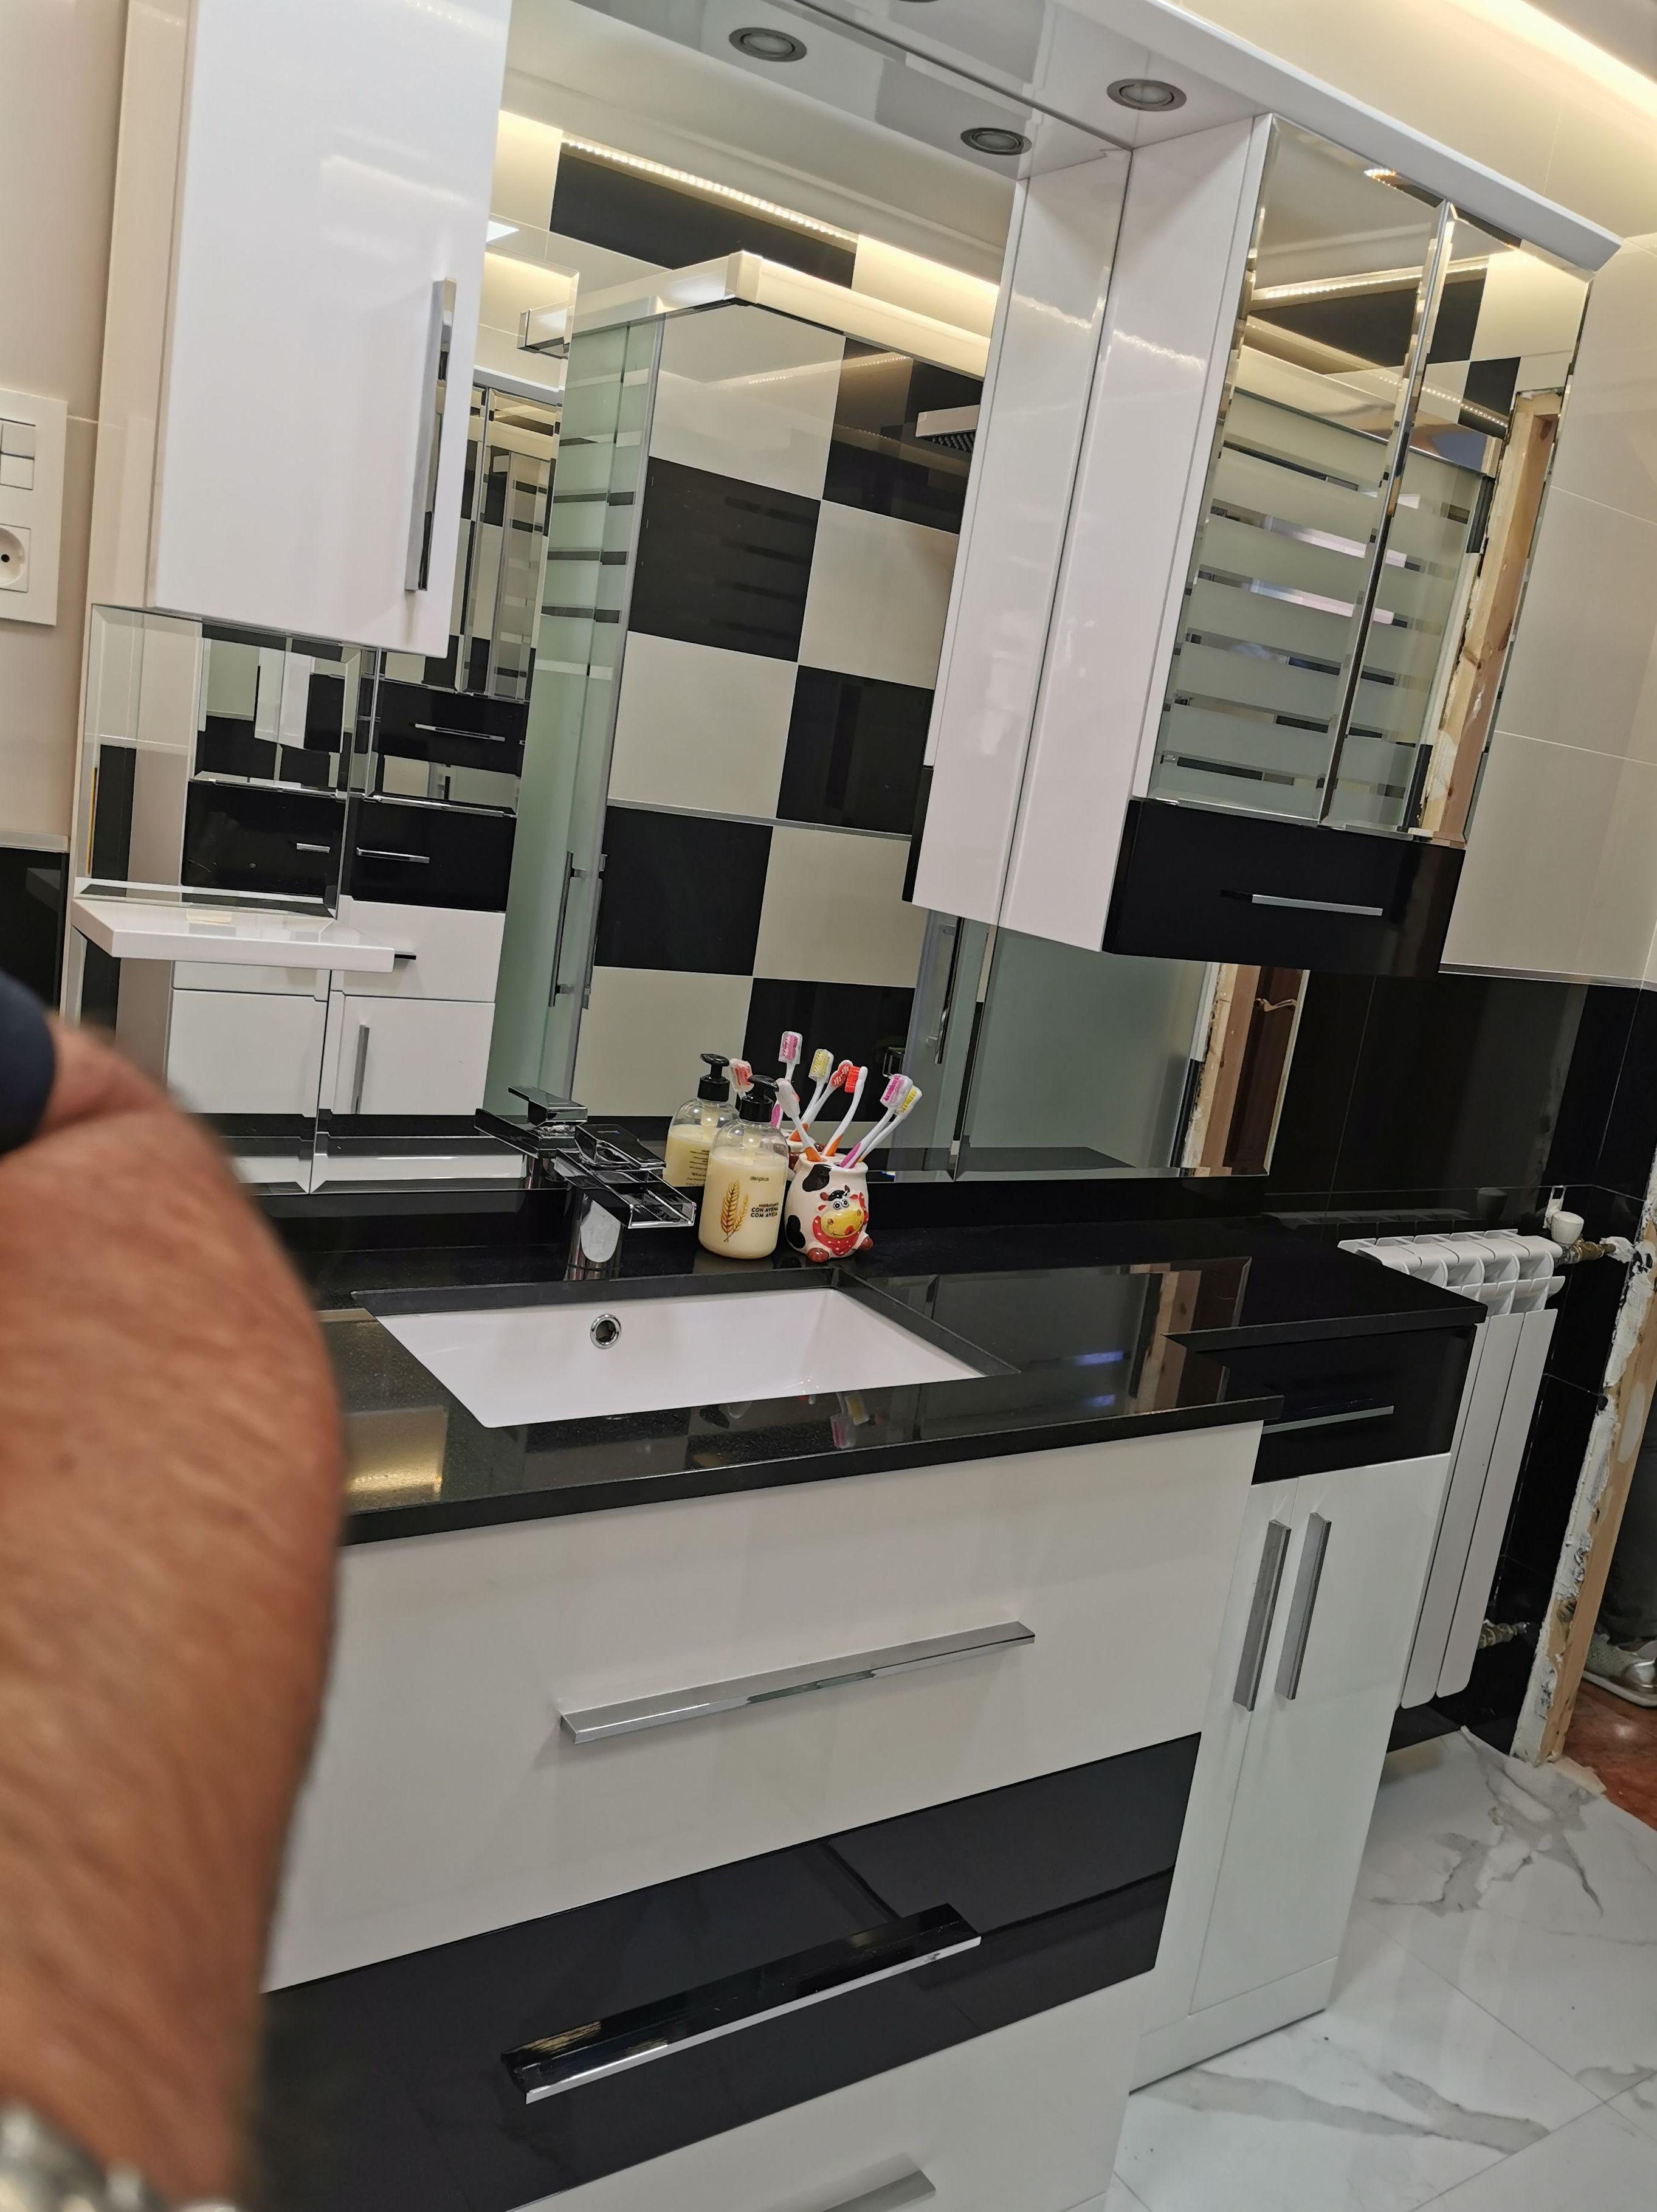 Foto 24 de Reformas en baños y cocinas en Trobajo del Camino | F. Alba, cocinas y baños